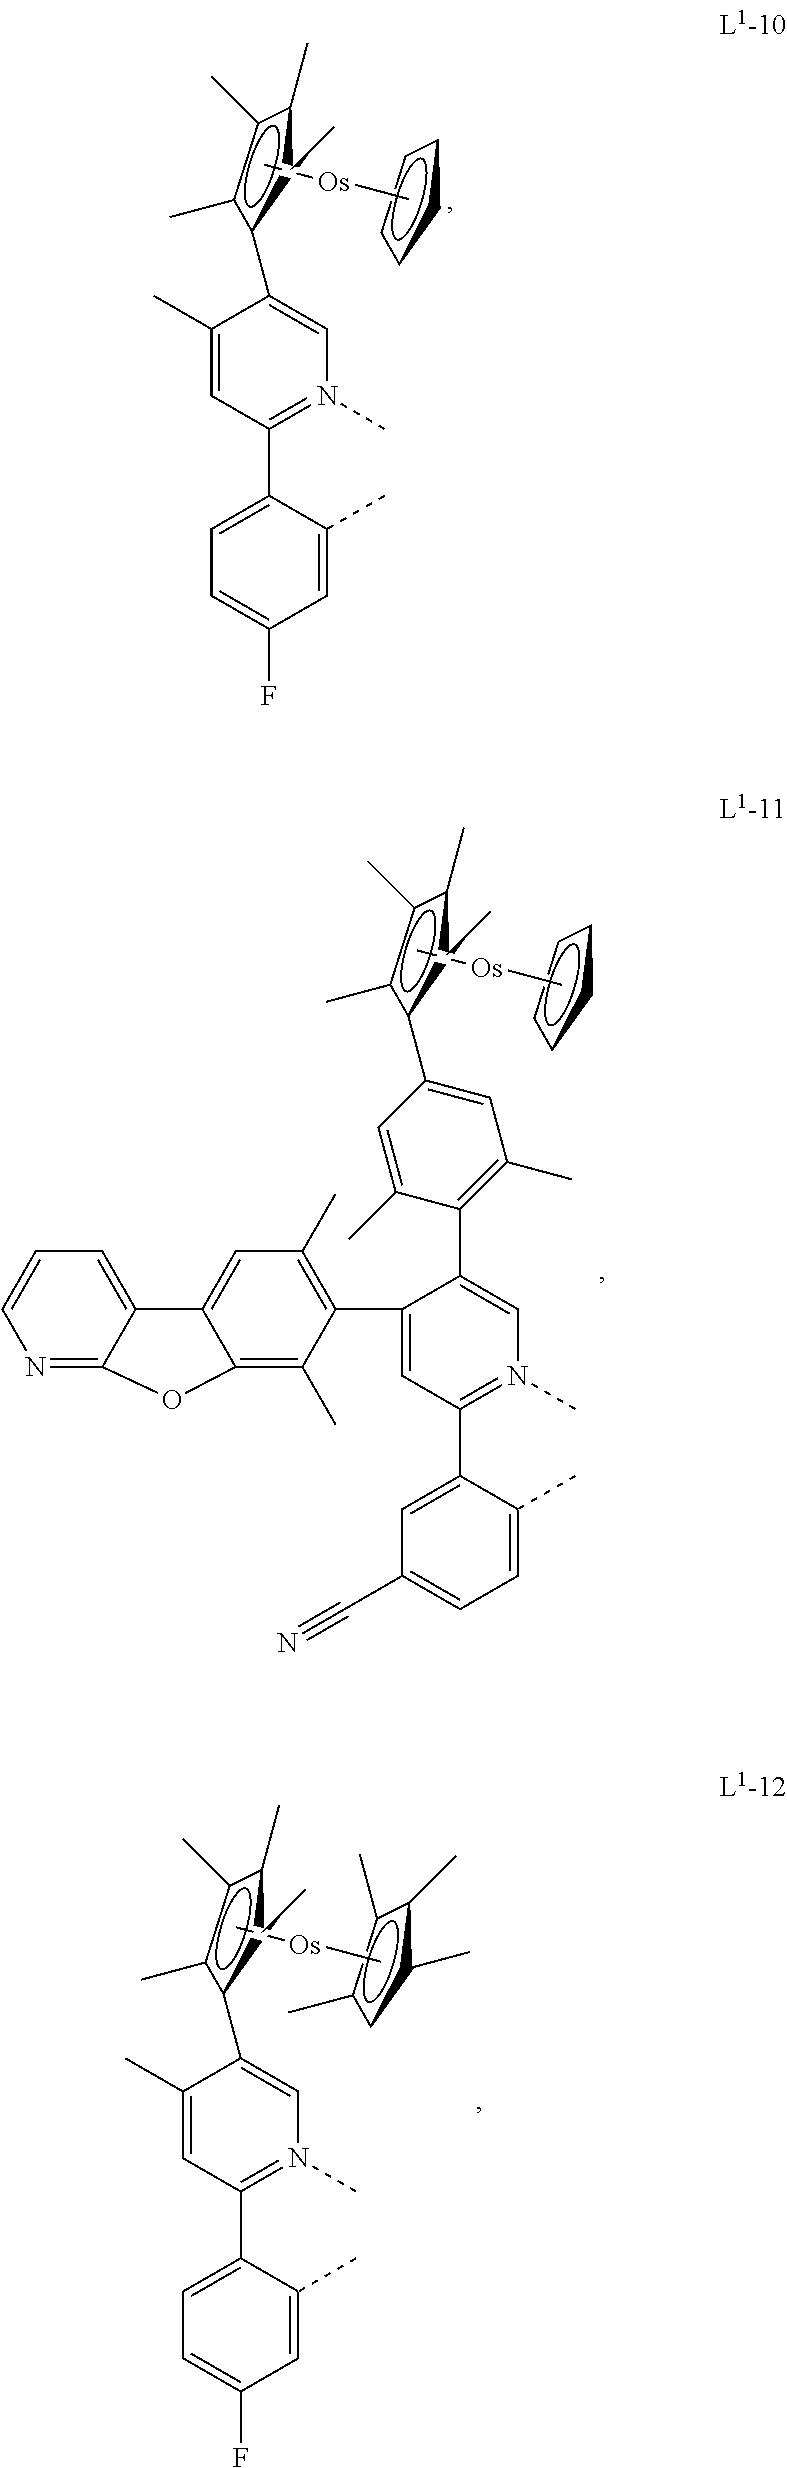 Figure US09680113-20170613-C00014